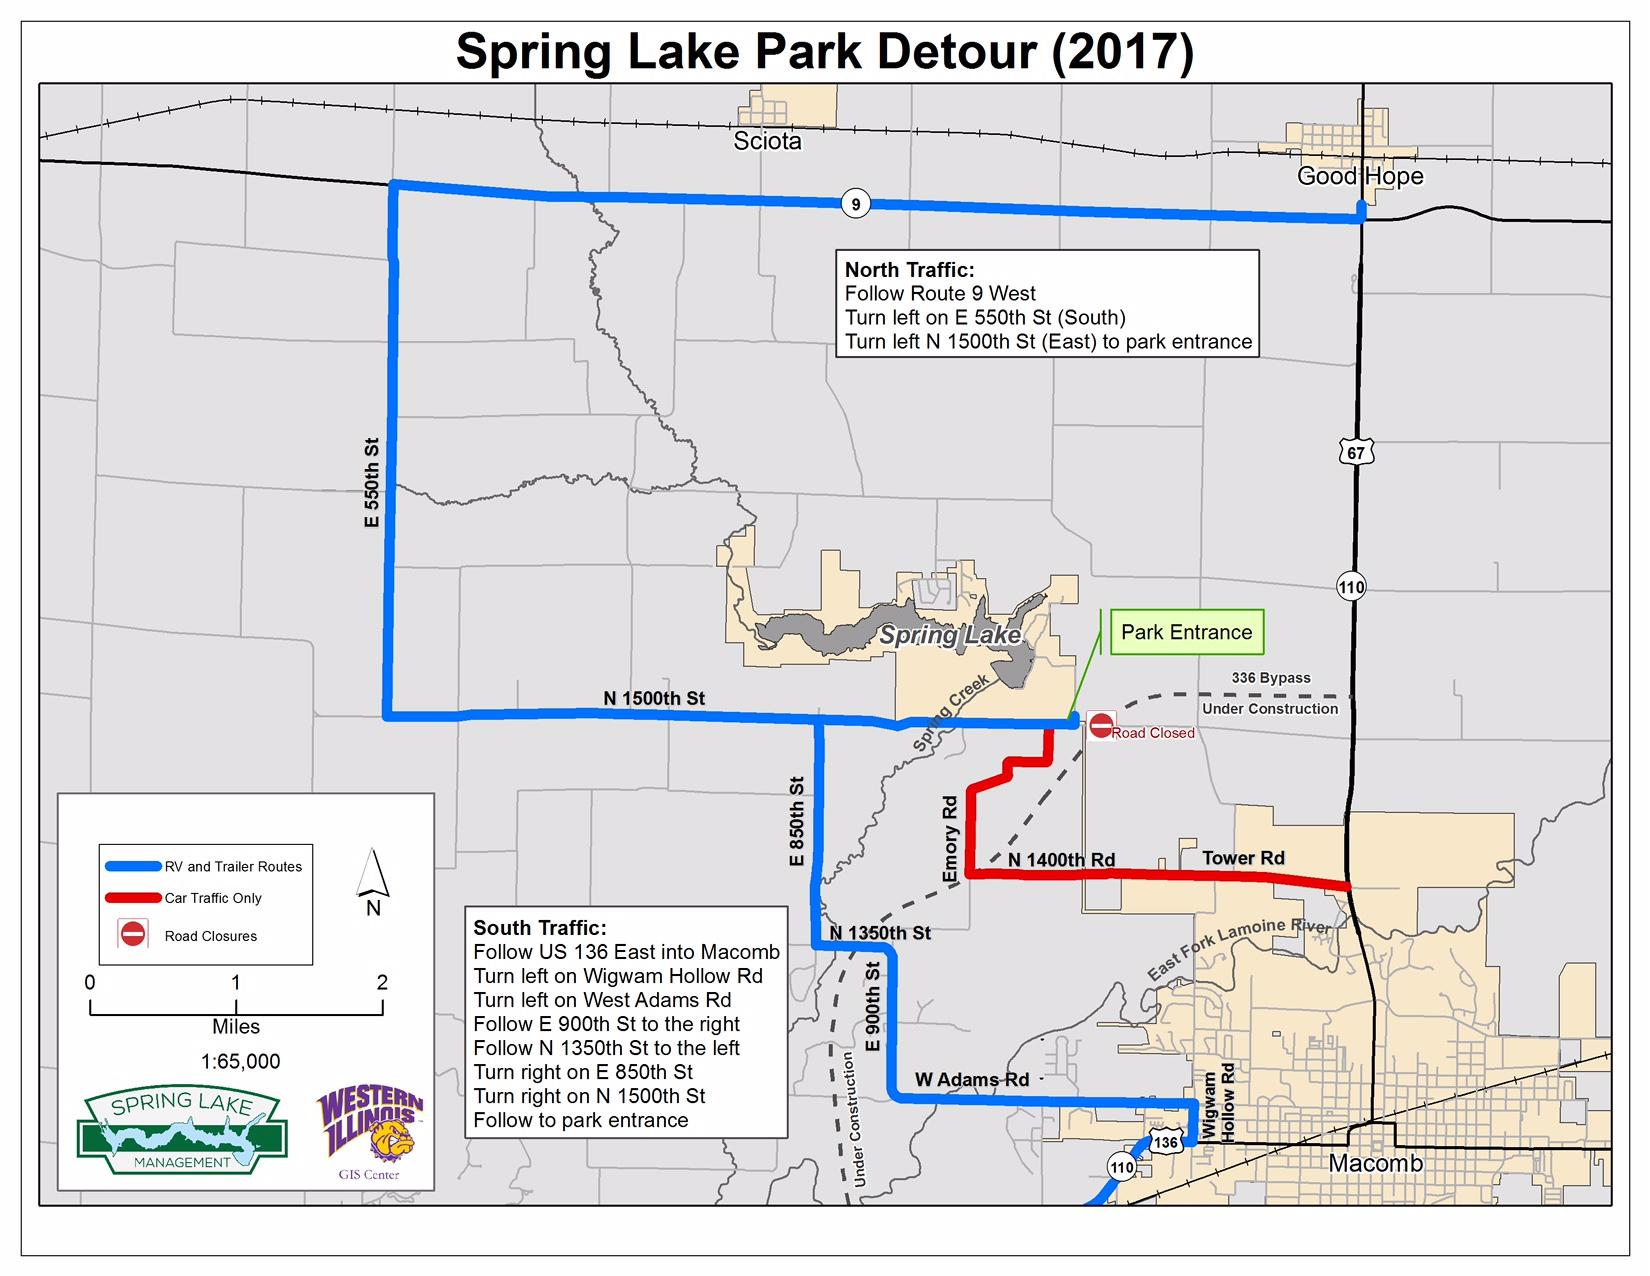 Spring Lake Detour